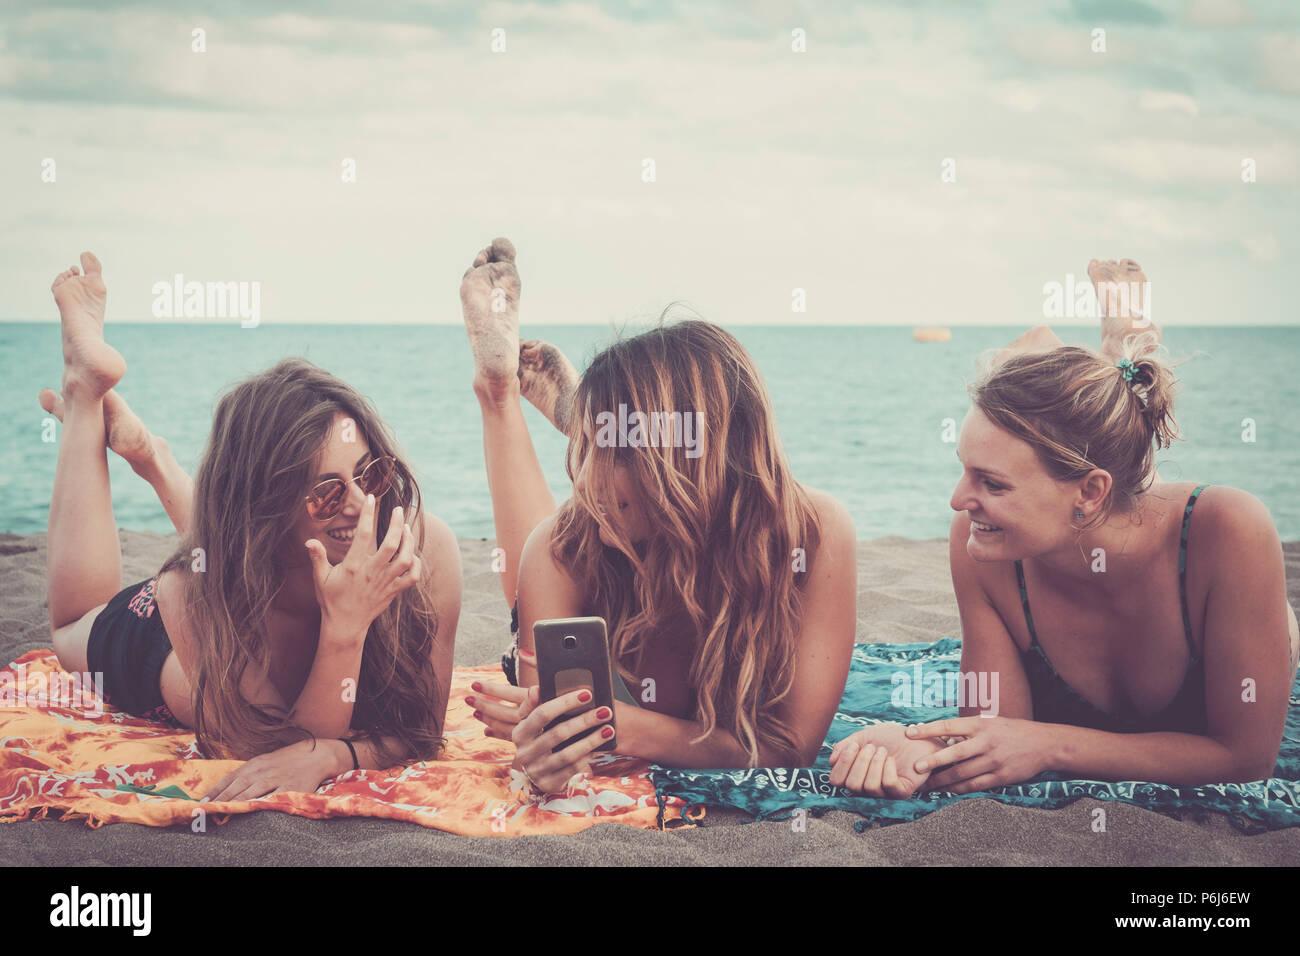 Drei schöne Mädchen mit Mobile Phone Technology Bilder am Strand entspannen und genießen Lifestyle und Urlaub Freizeitaktivitäten. outdoor Moderne Aktivitäten Stockbild